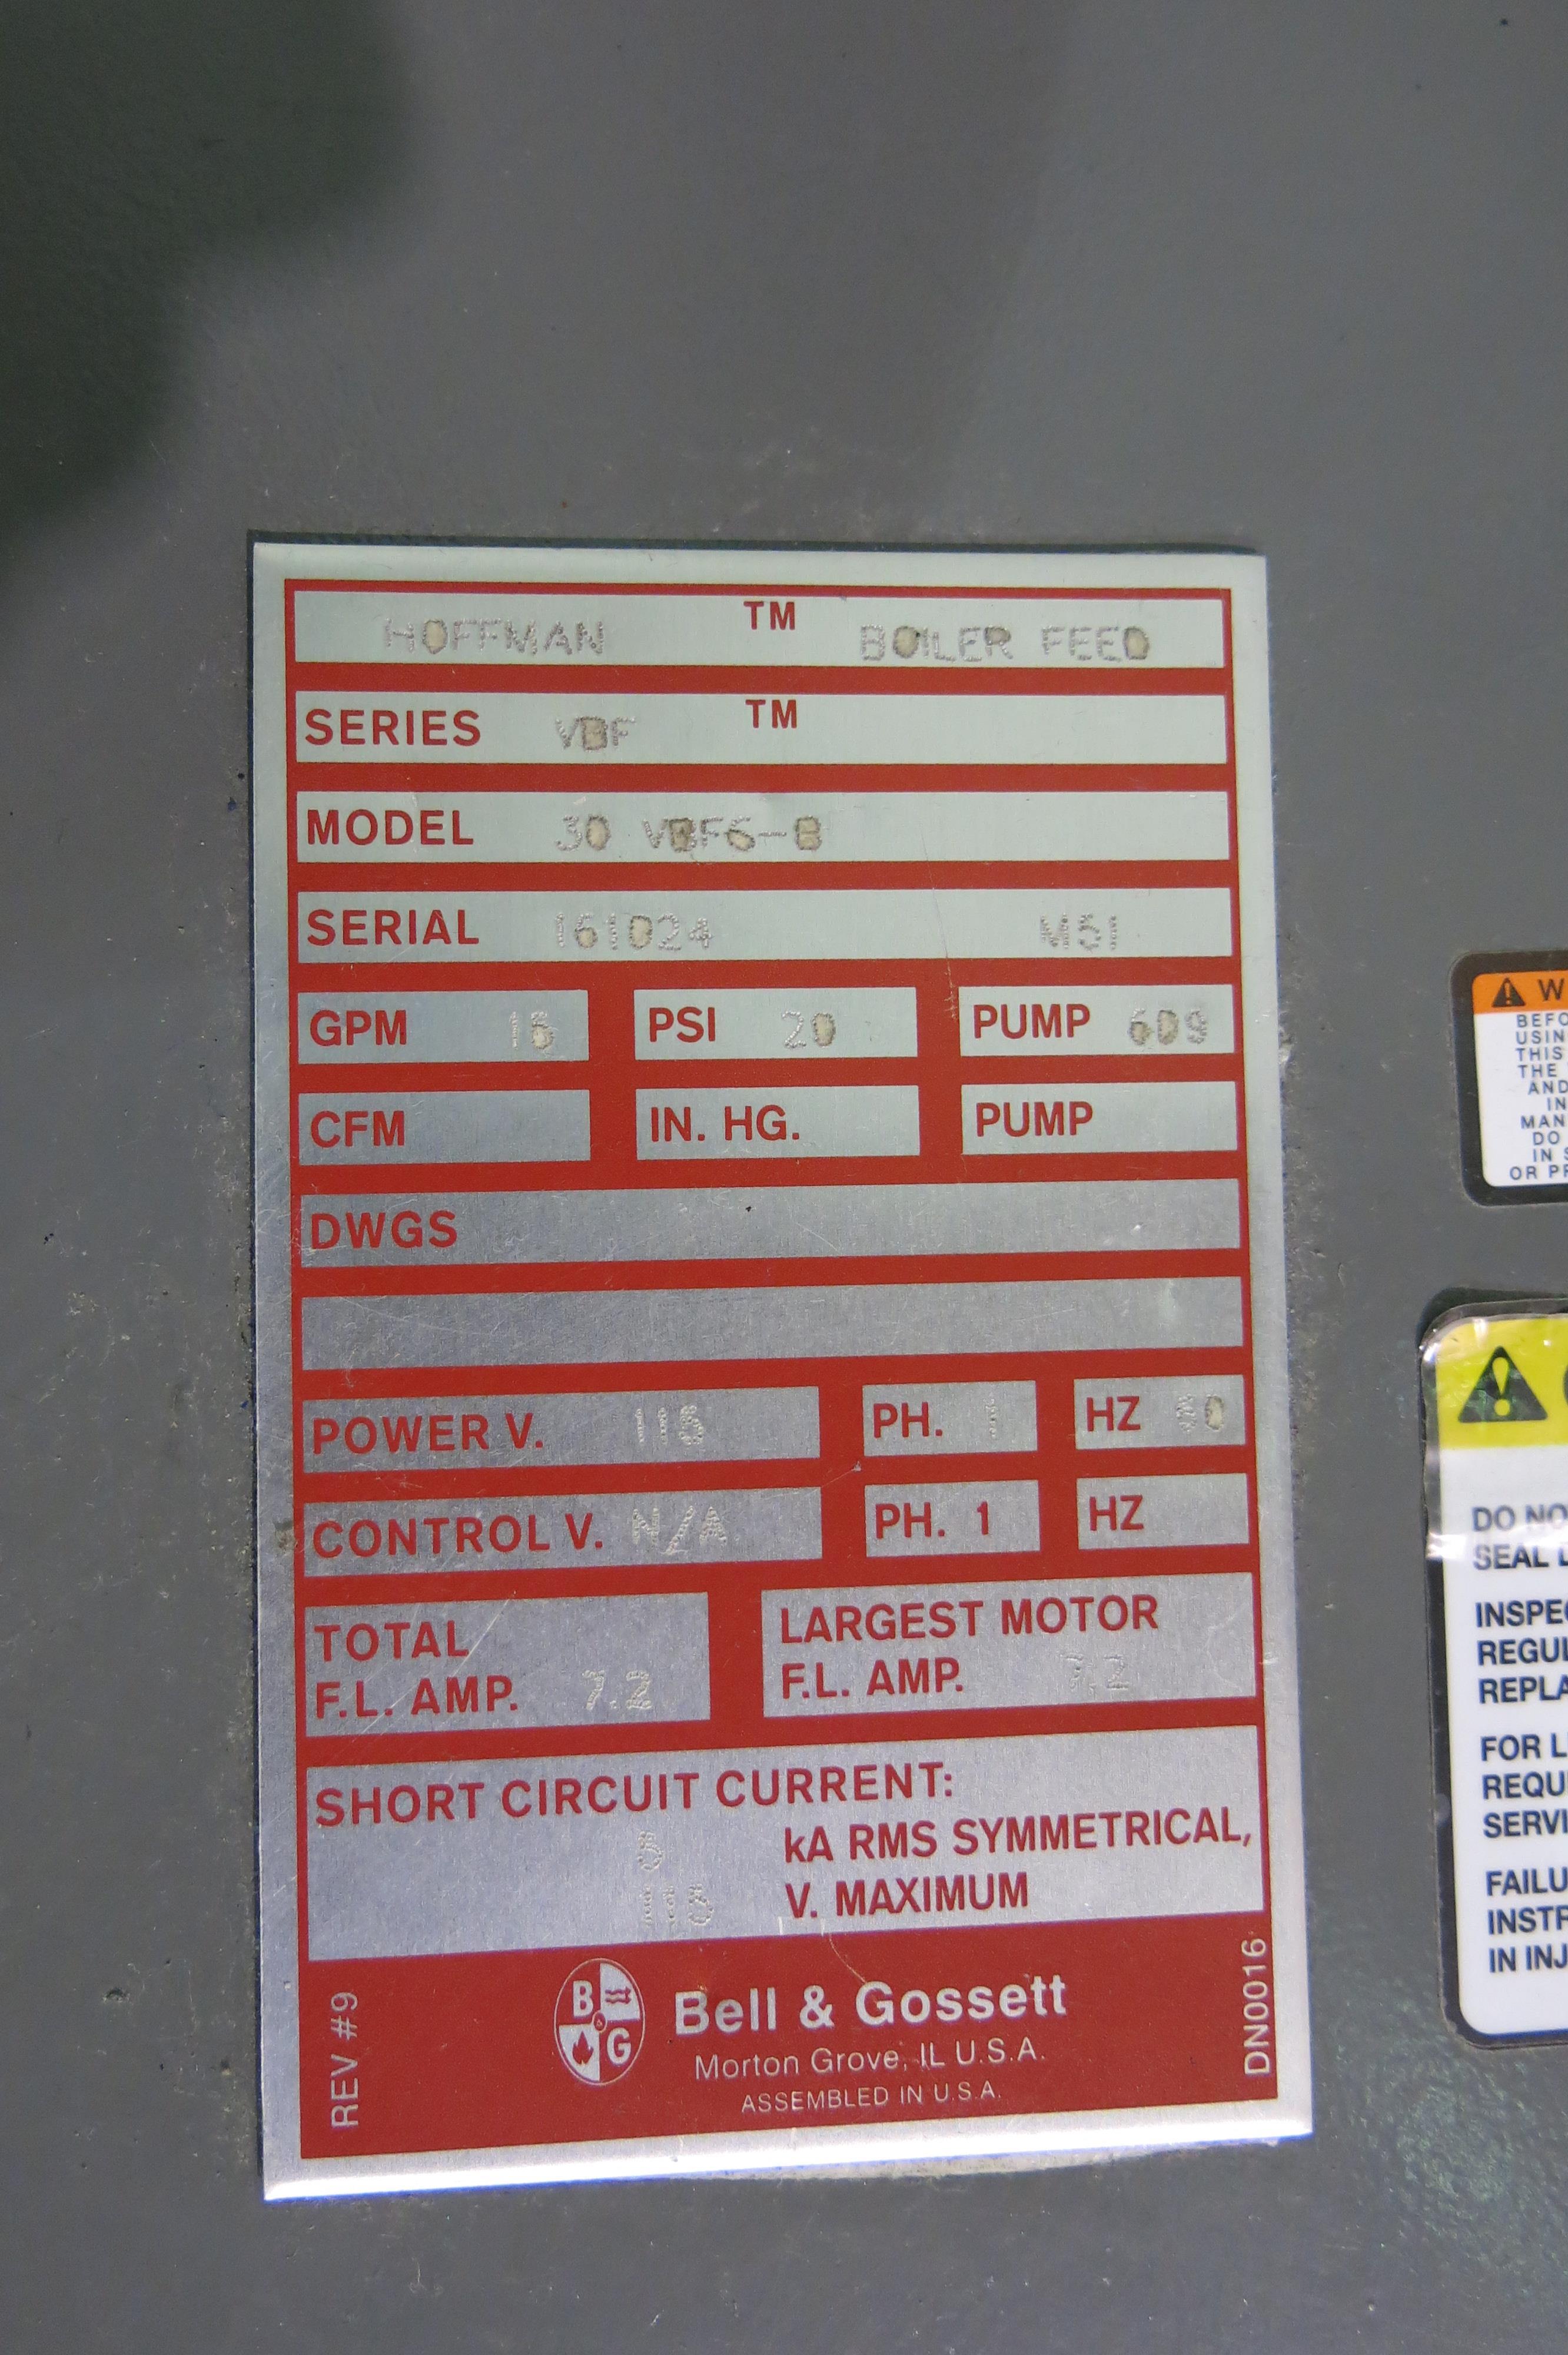 Lot 216 - US BOILER COMPANY, PIN5SNI-ME2, 86,000 BTU, NATURAL GAS BOILER, 2013, S/N 65409684, CONDENSATE